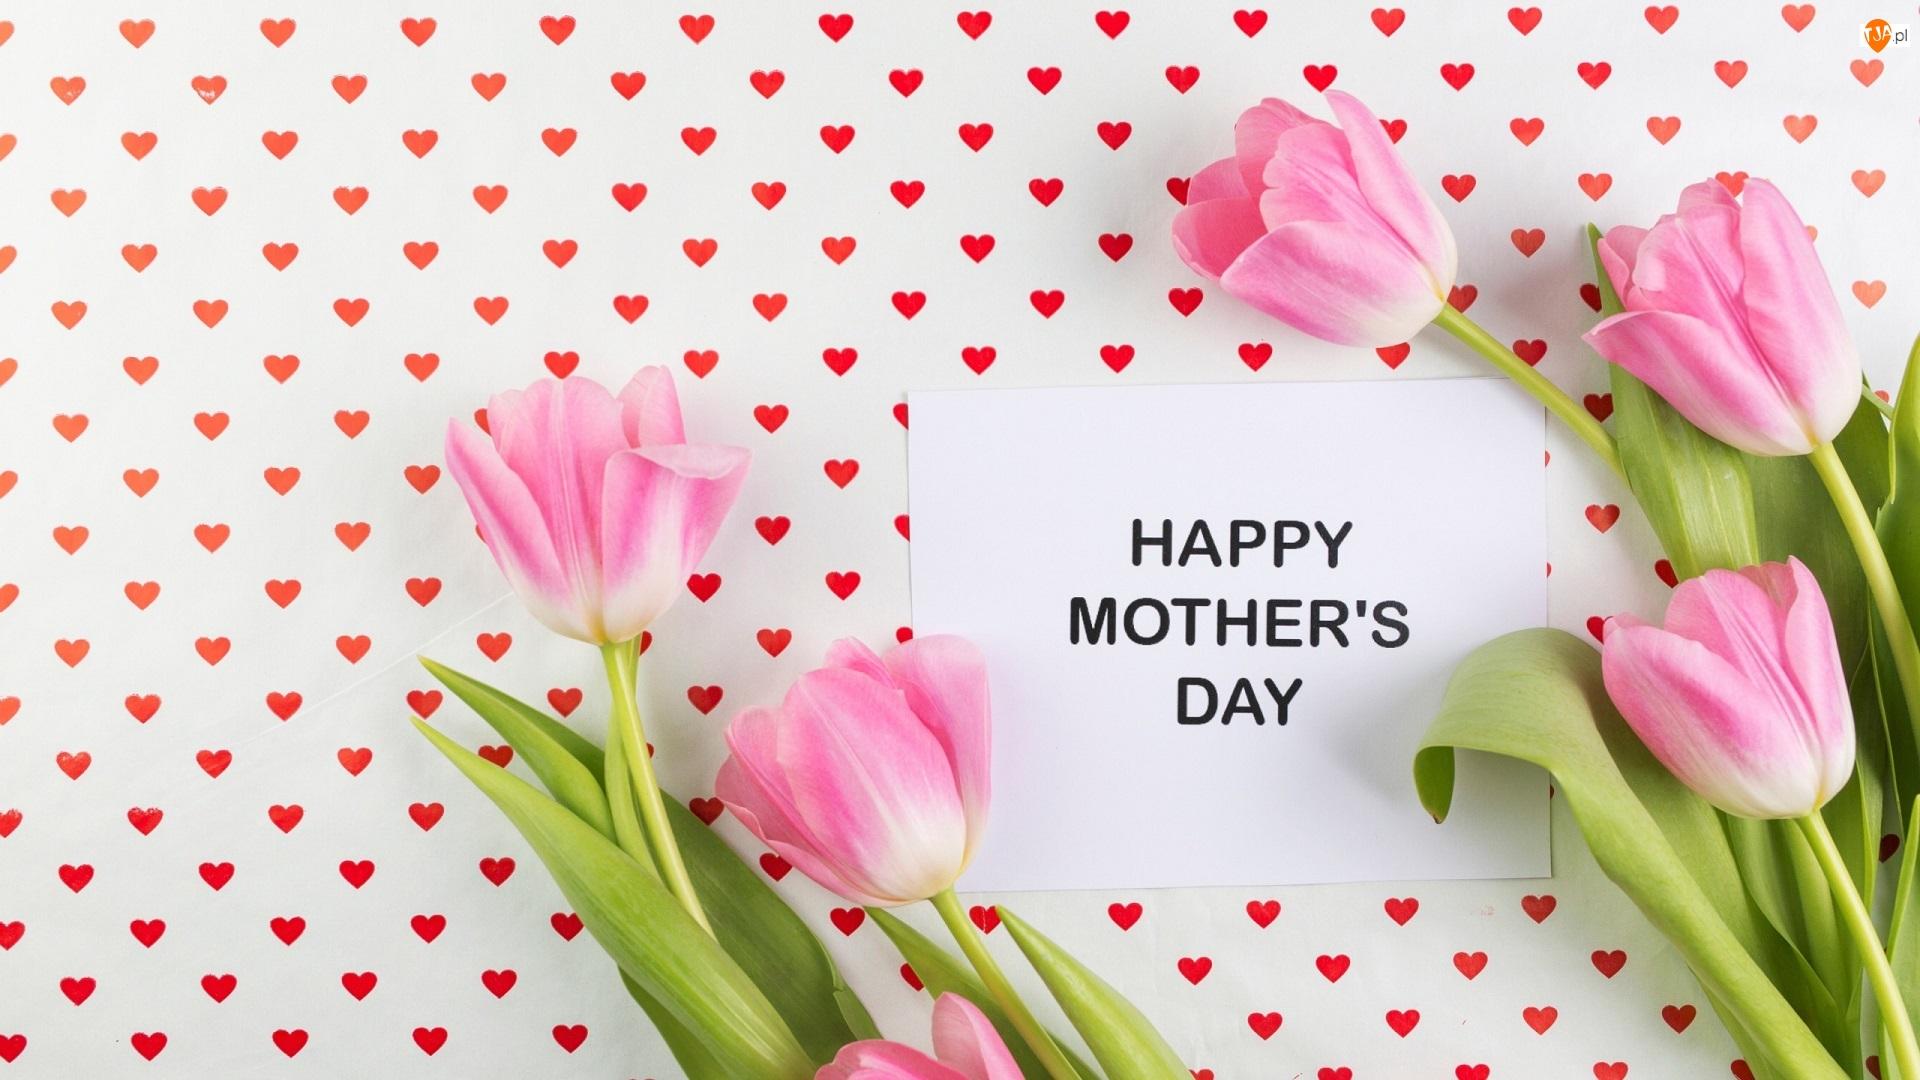 Kartka, Dzień Matki, Różowe, Serduszka, Napis, Tulipany